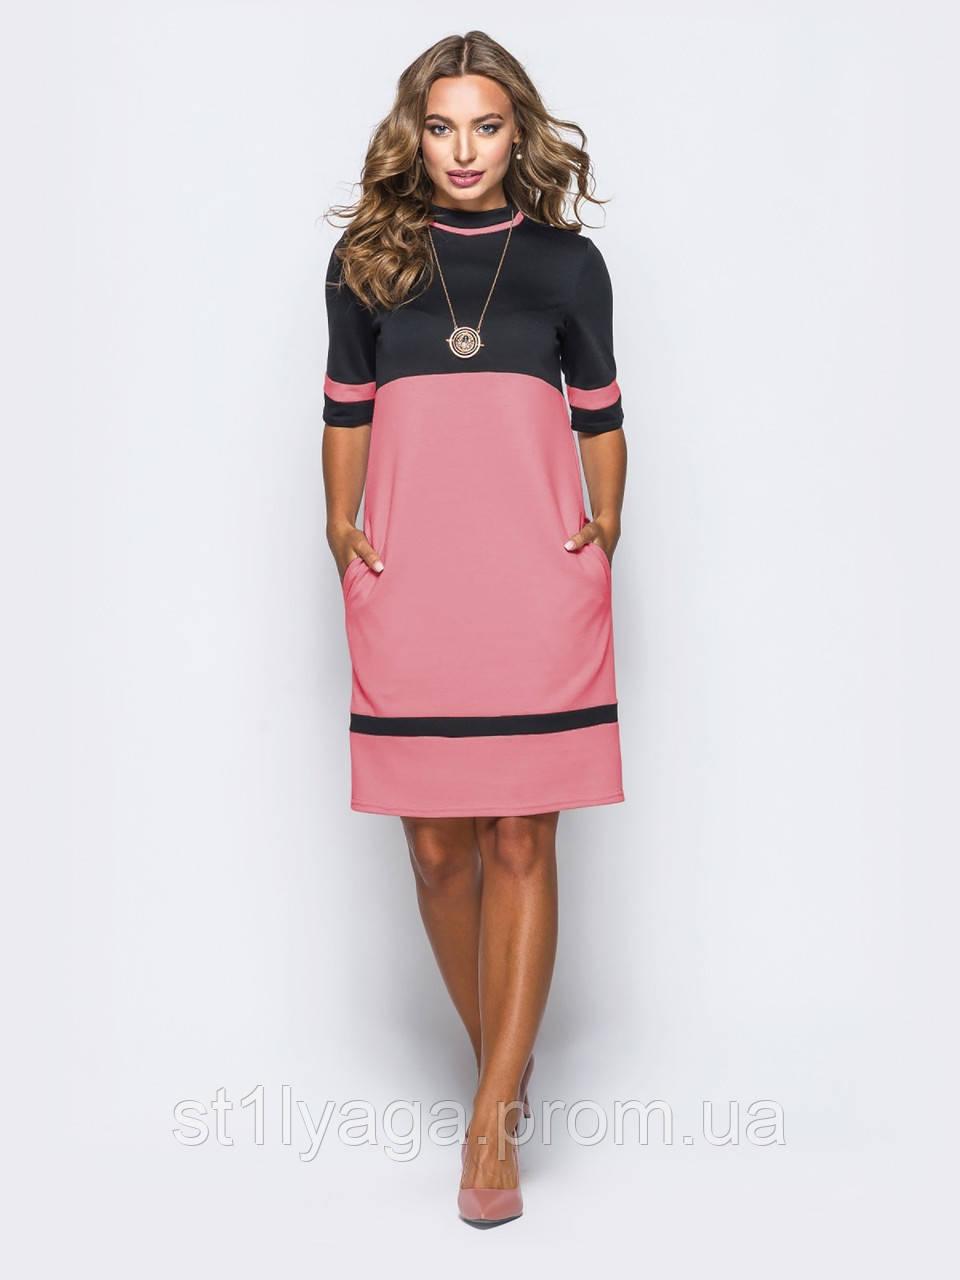 Трикотажное платье с рукавом три четверти и боковыми карманами